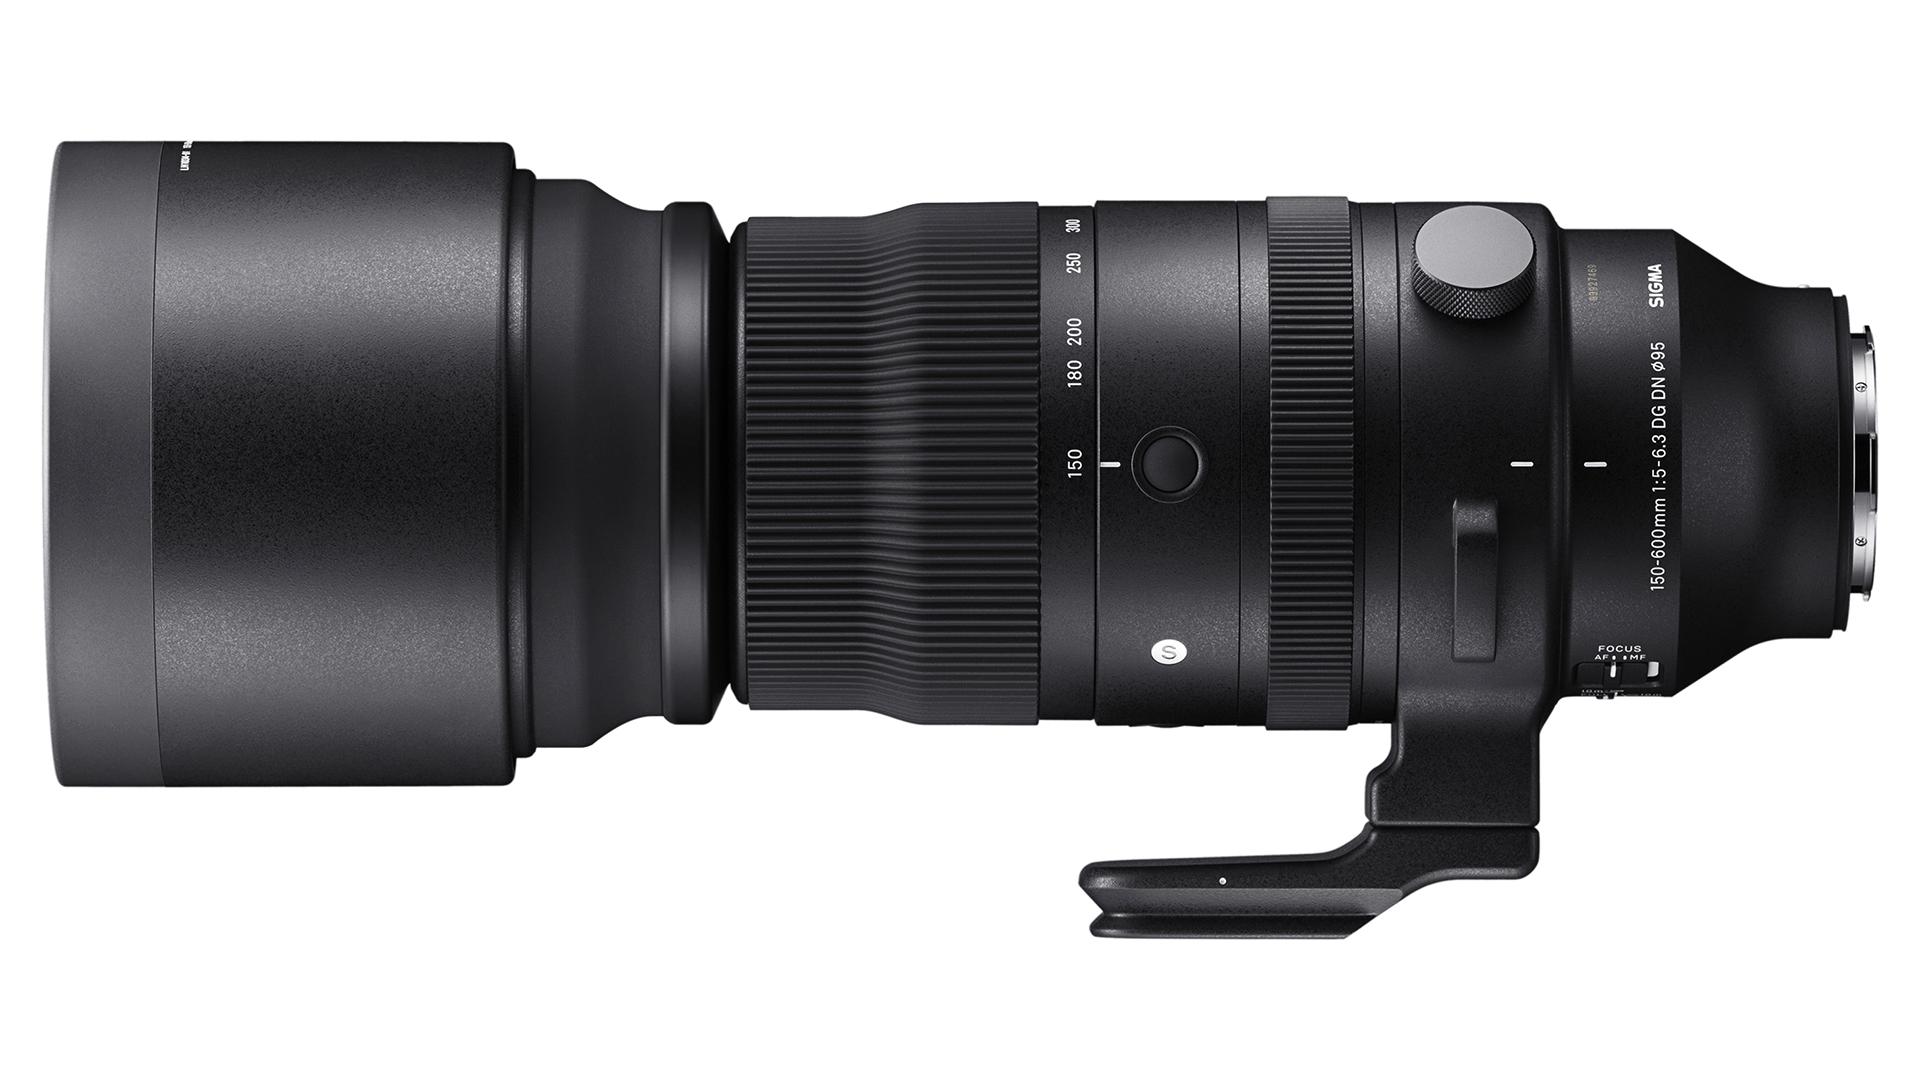 Sigma 150-600mm f/5-6.3 DG DN OS Sports